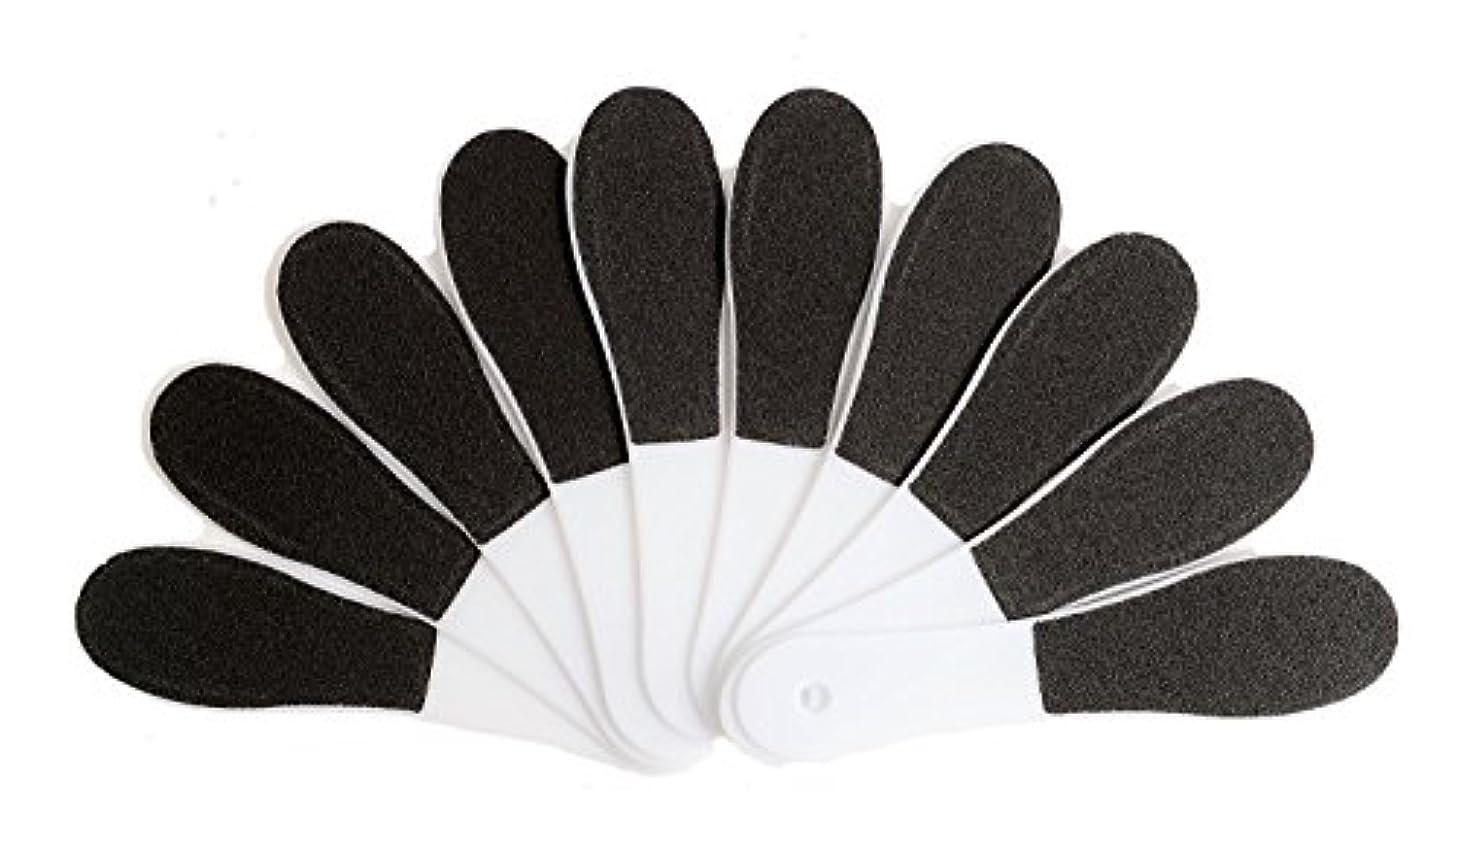 金額貫通する器用(ADOSSY) プロ仕様 角質除去 フット用品 角質削り 20本 セット かかと 魚の目 ケア 足裏 フットケア 足底 つるつる なめらか すべすべ